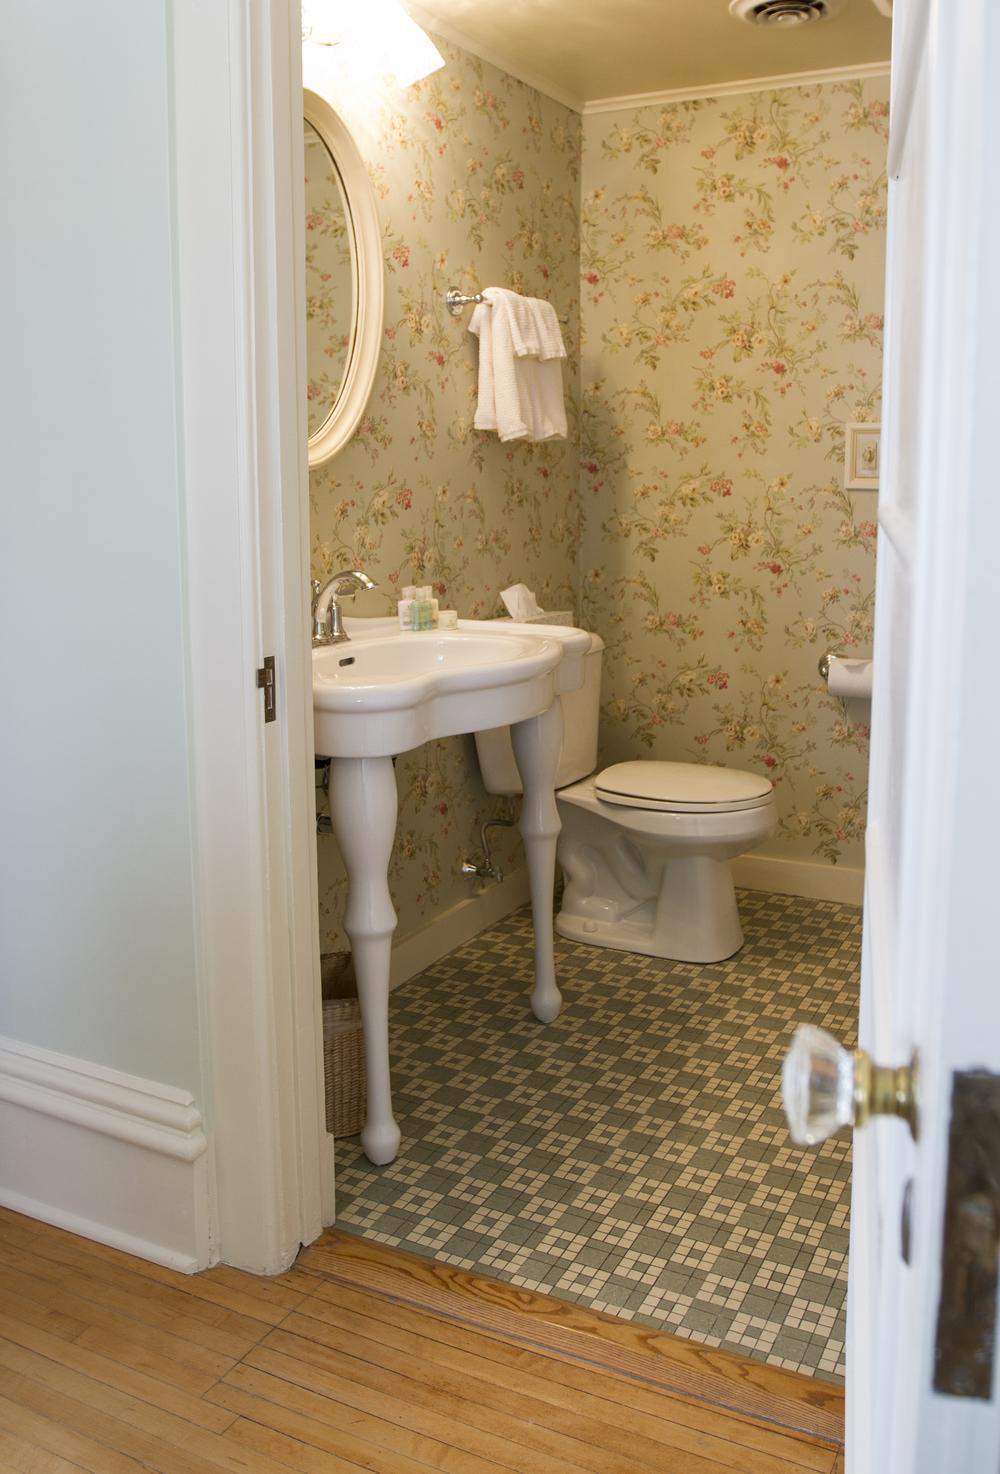 Updated bathroom fixtures